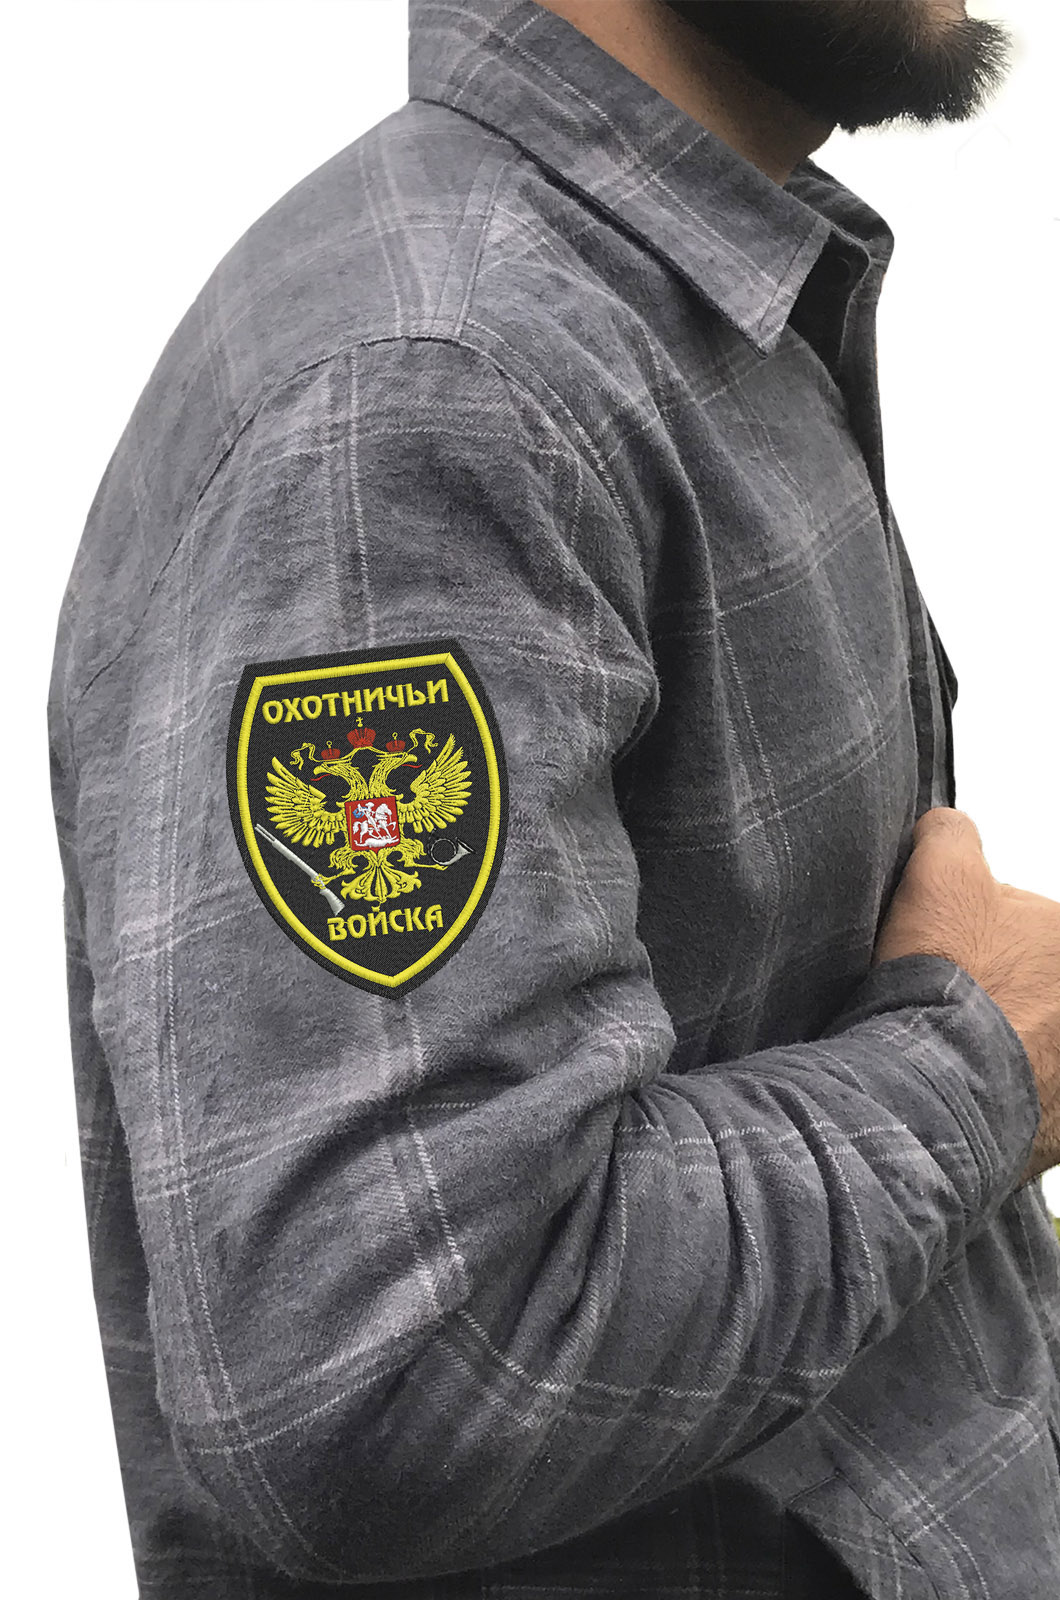 Строгая рубашка с вышитым шевроном Охотничьи Войска - заказать онлайн